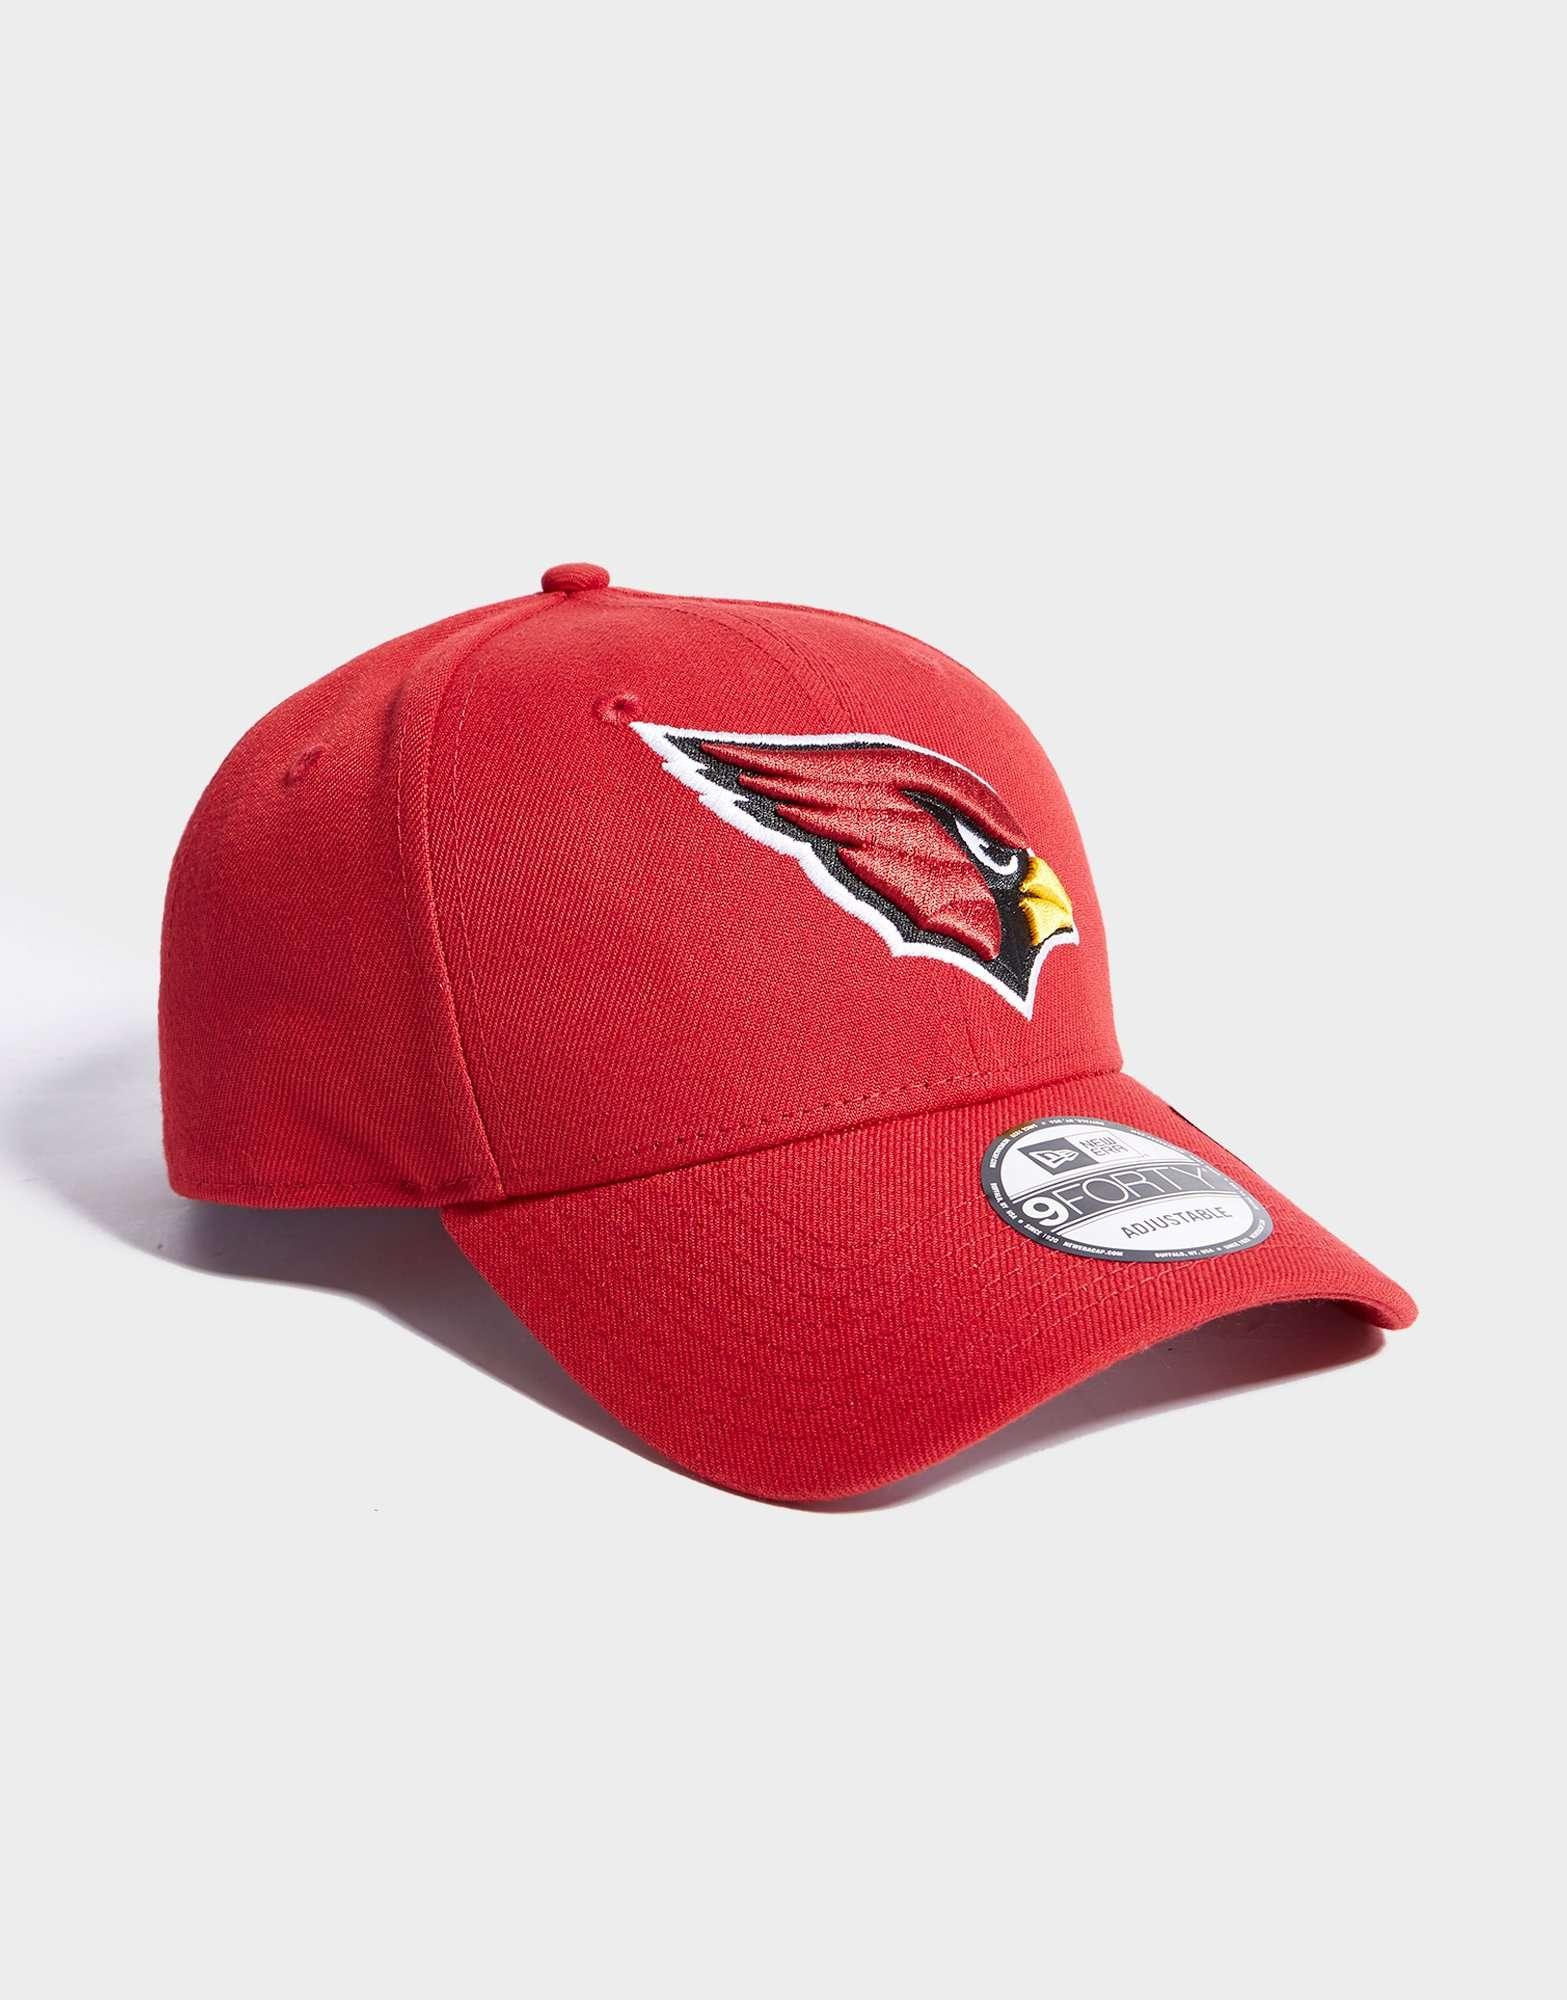 New Era NFL Arizona Cardinals 9FORTY Cap